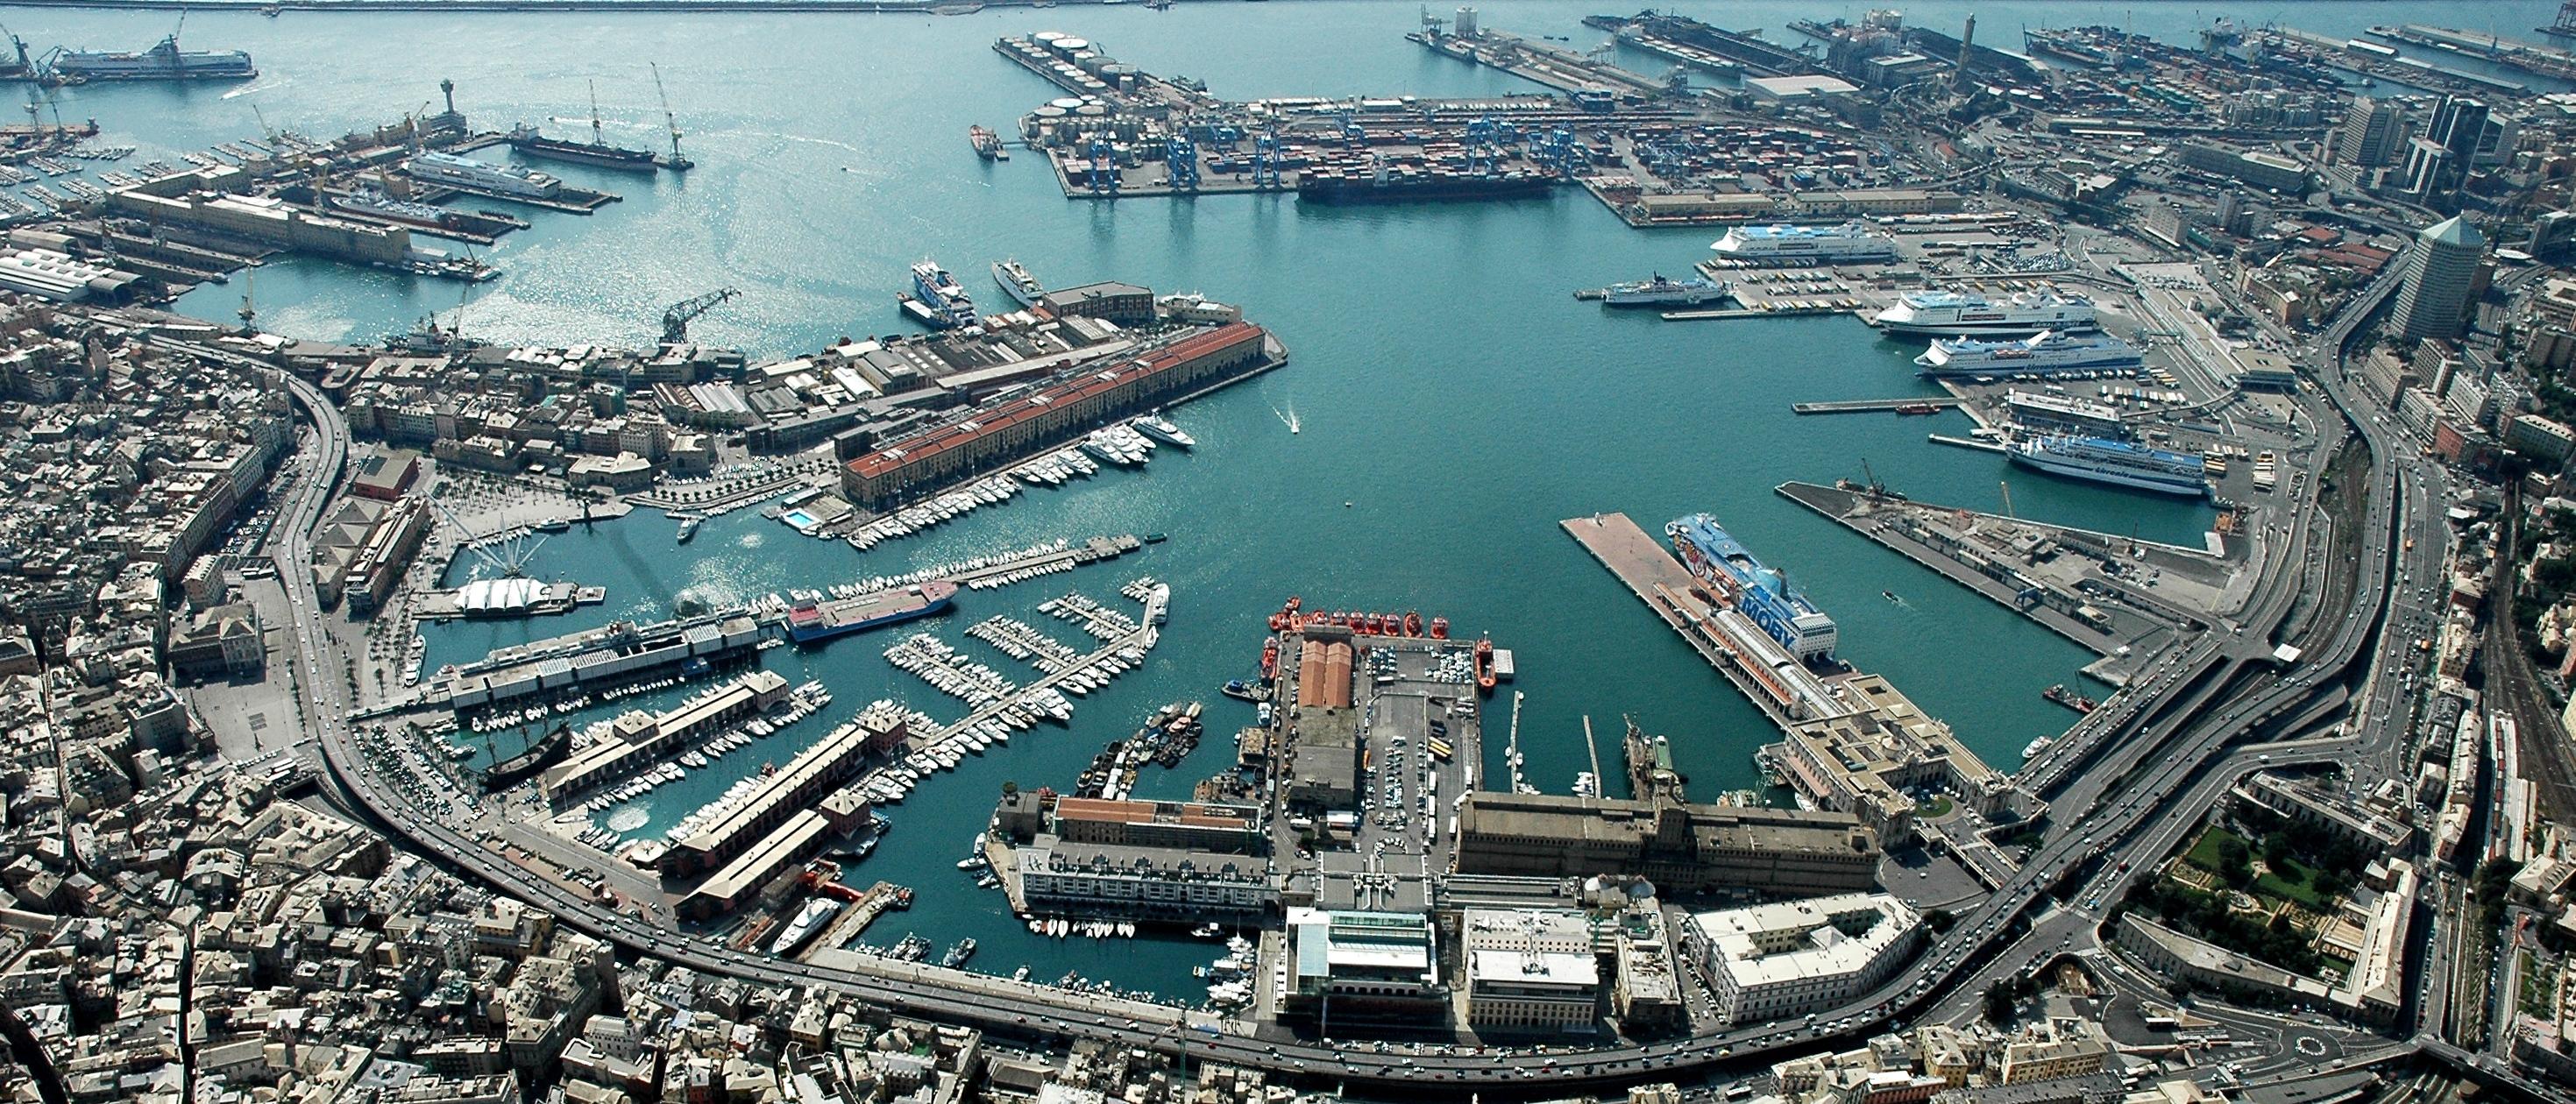 Intech Automazione at Genoa's MED Seawork